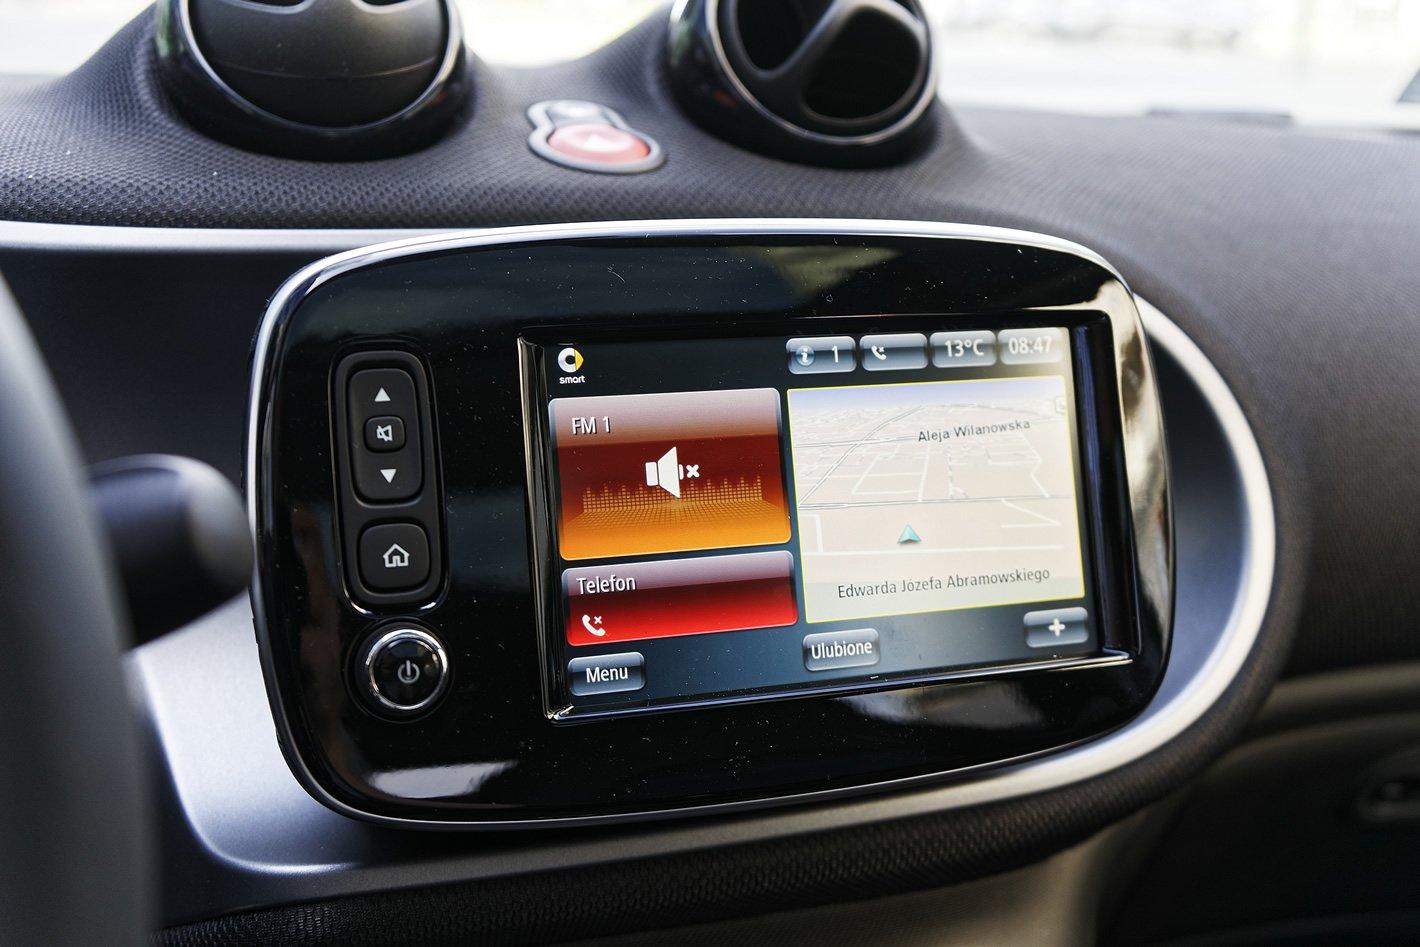 smart forfour EQ - pokładowy system multimedialny